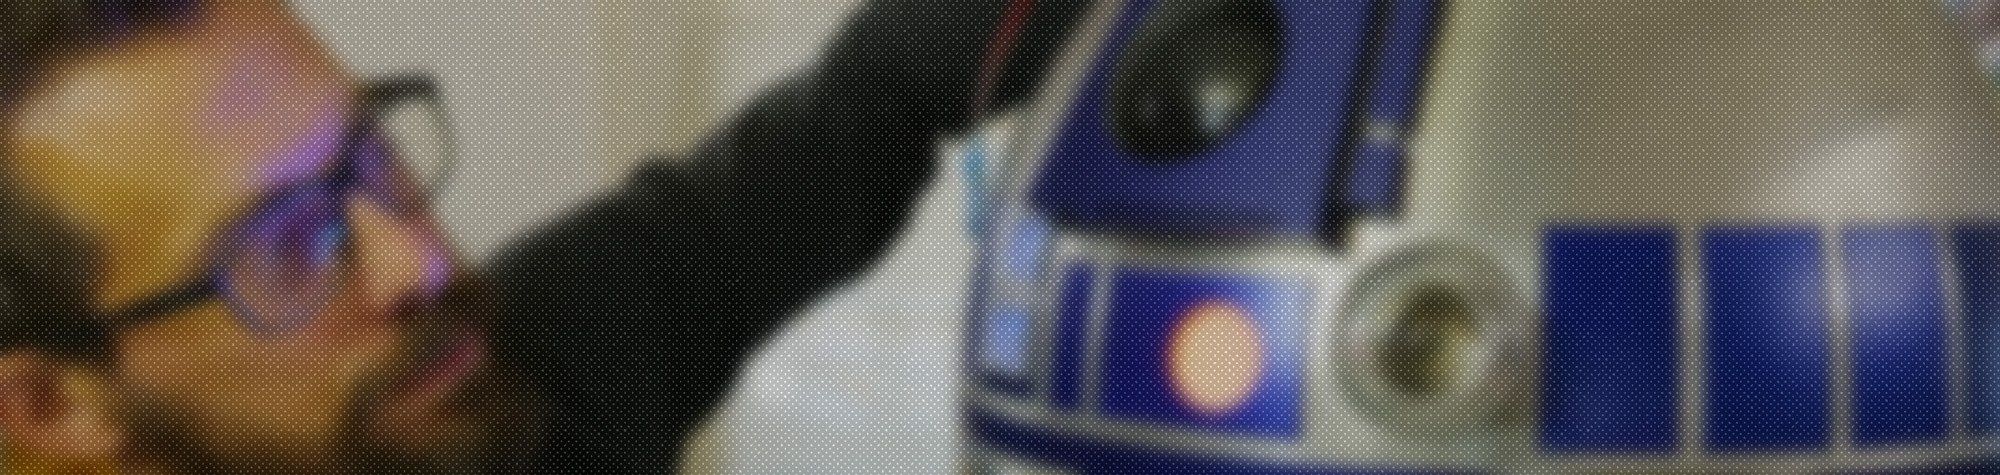 Making R2-D2 Part 3